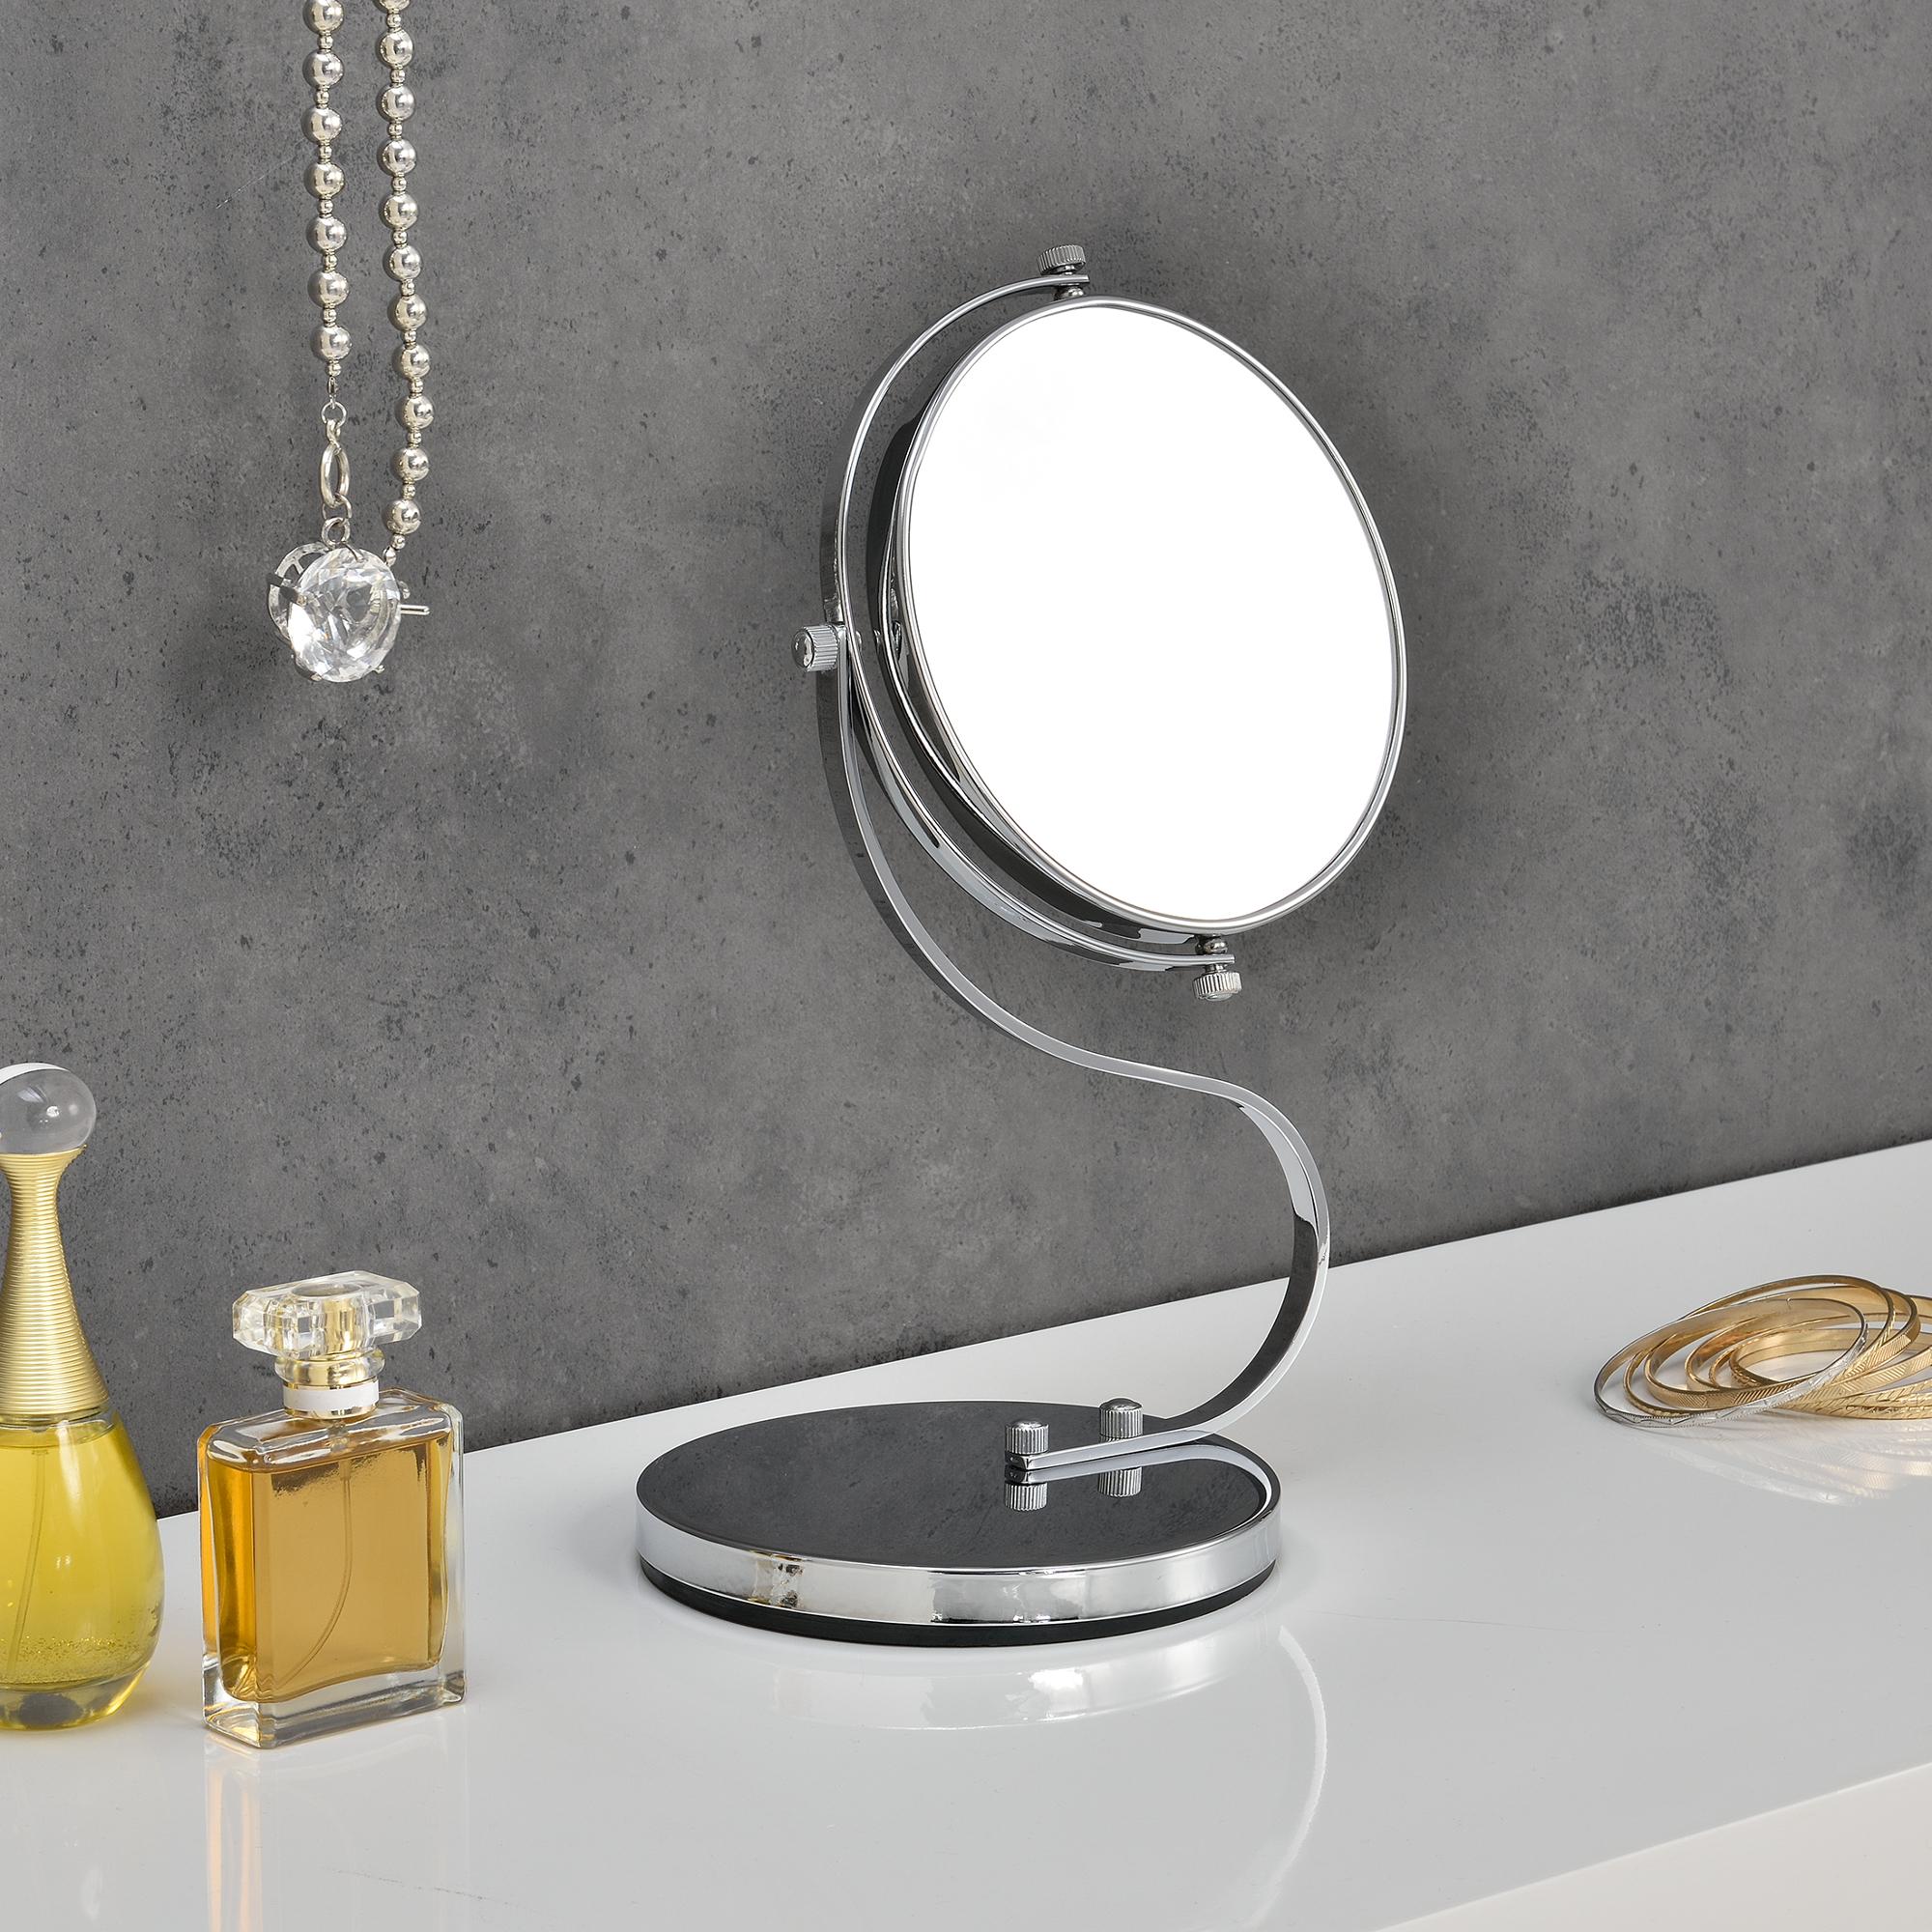 Specchio cosmetico 6 per trucco specchio make up ingrandimento 10 x ebay - Specchio make up ...